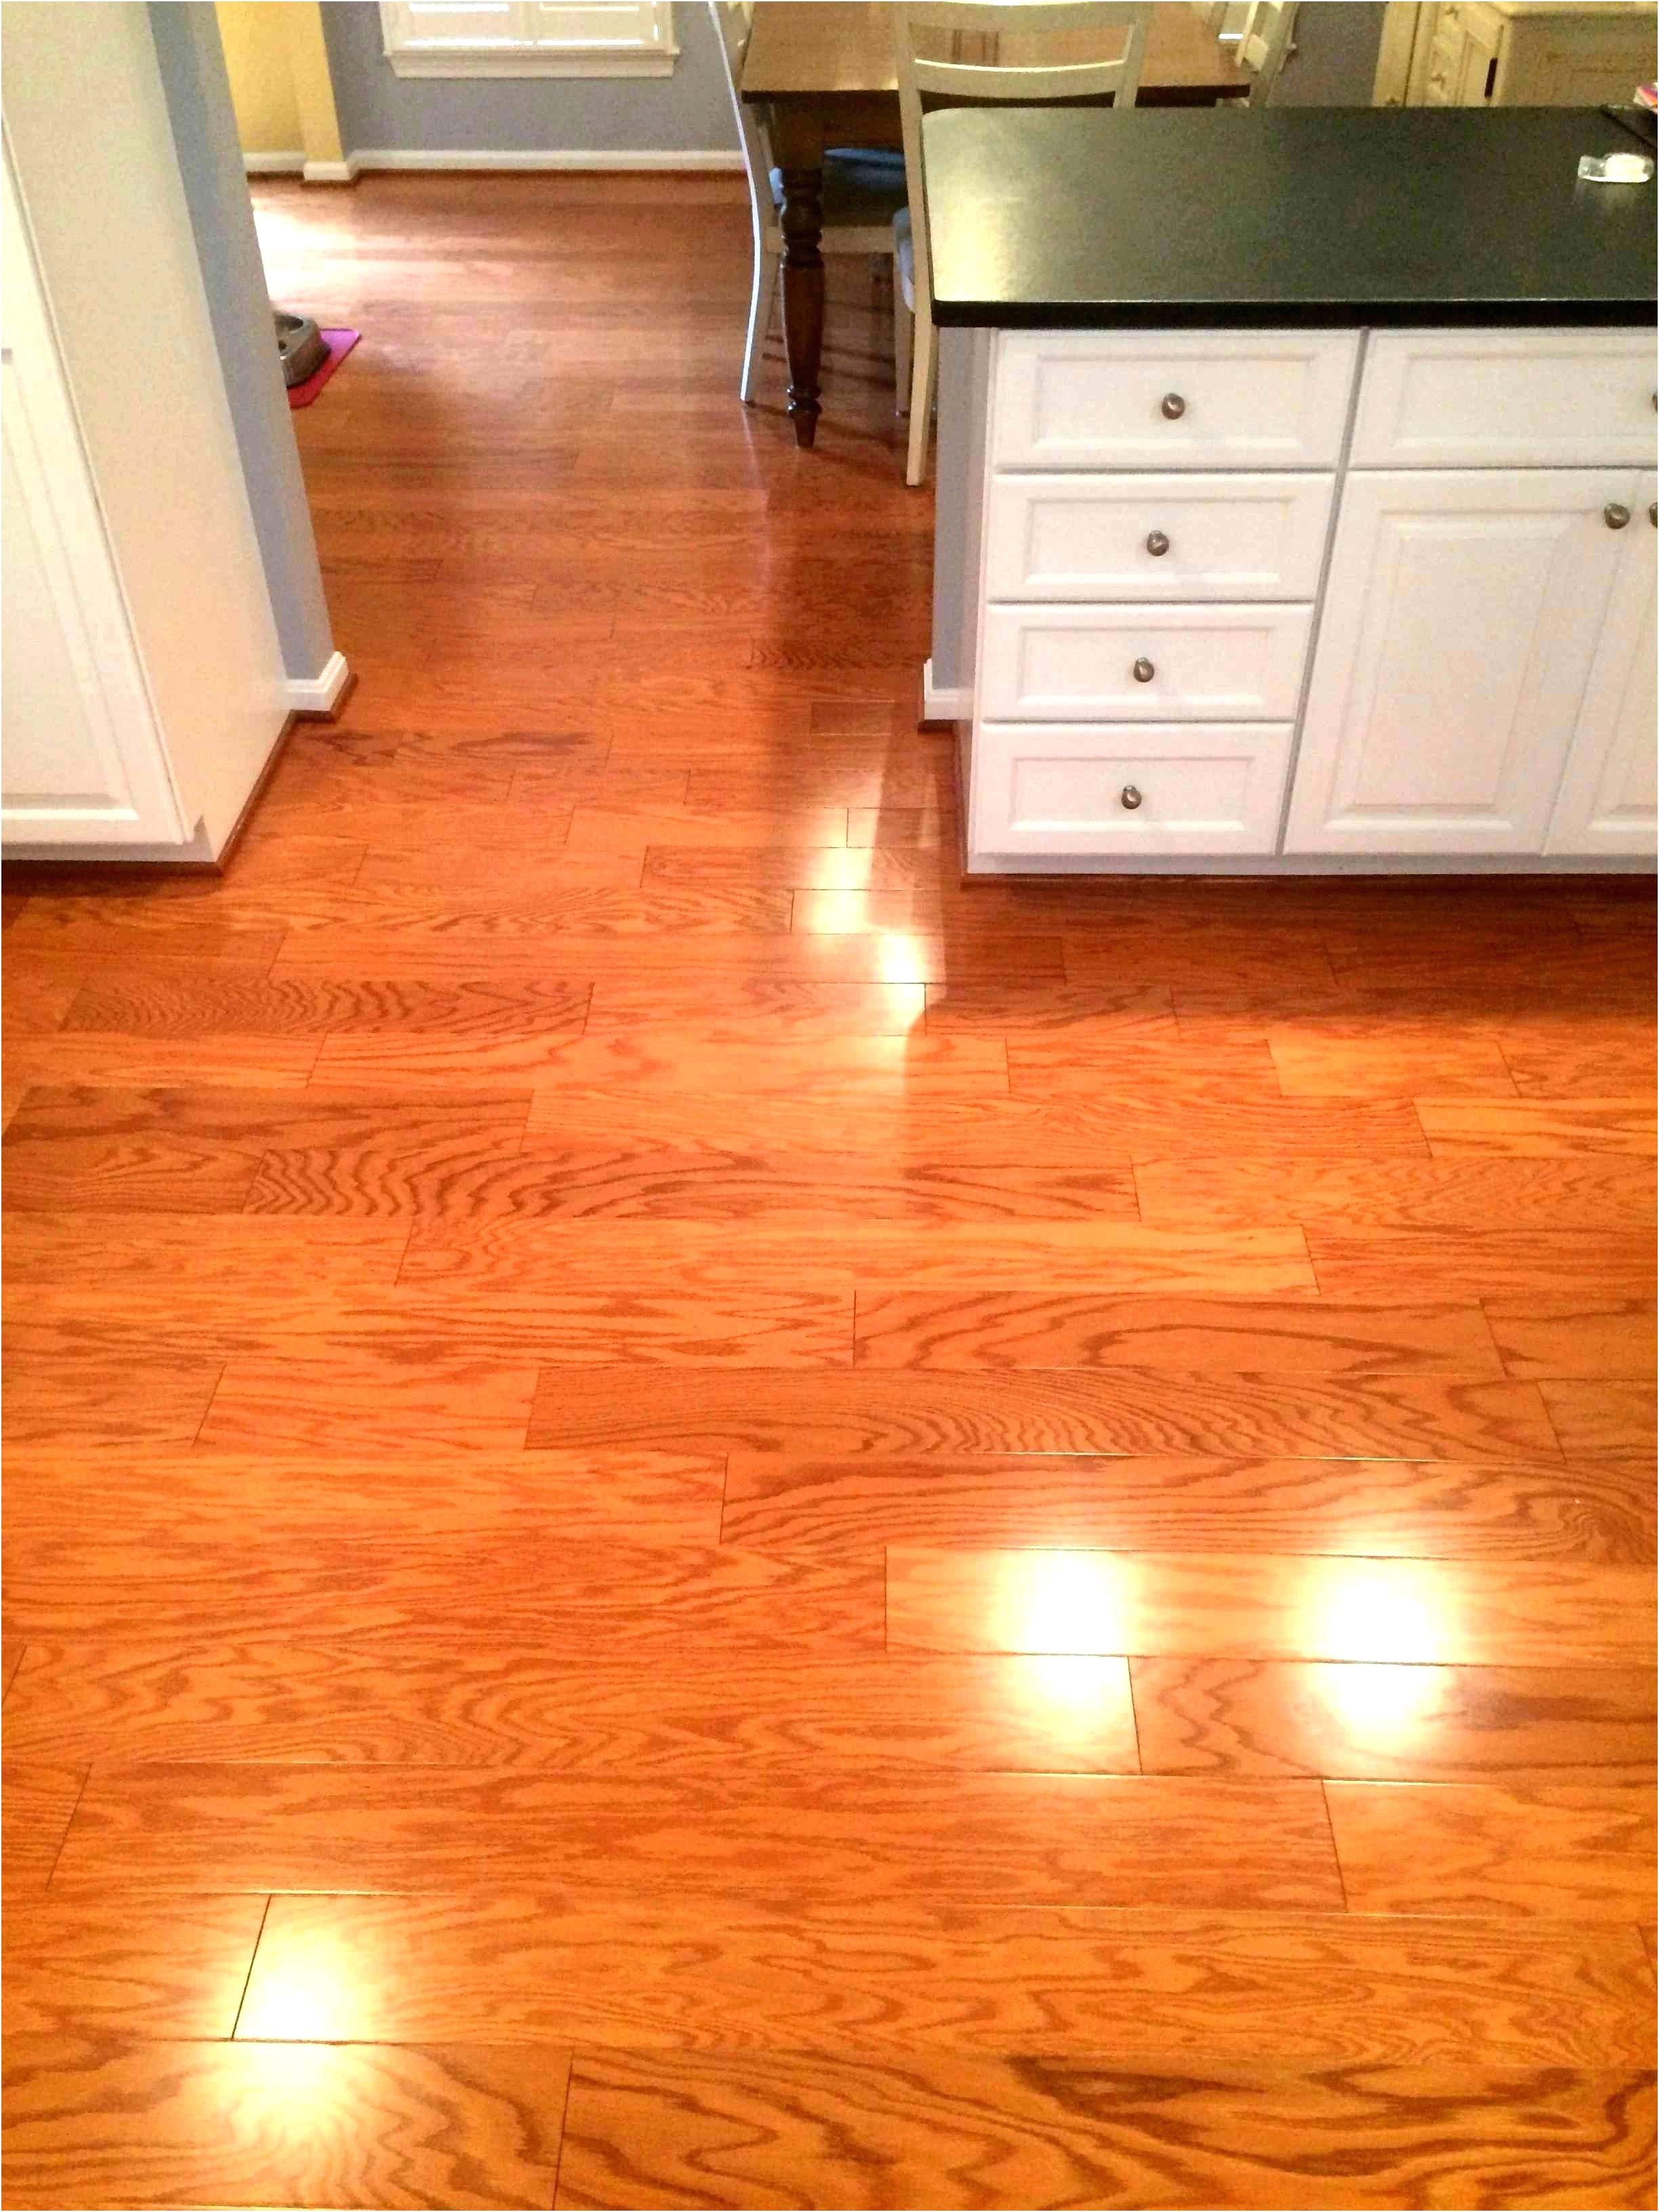 the wooden floor non slip hardwood floor podemosleganes